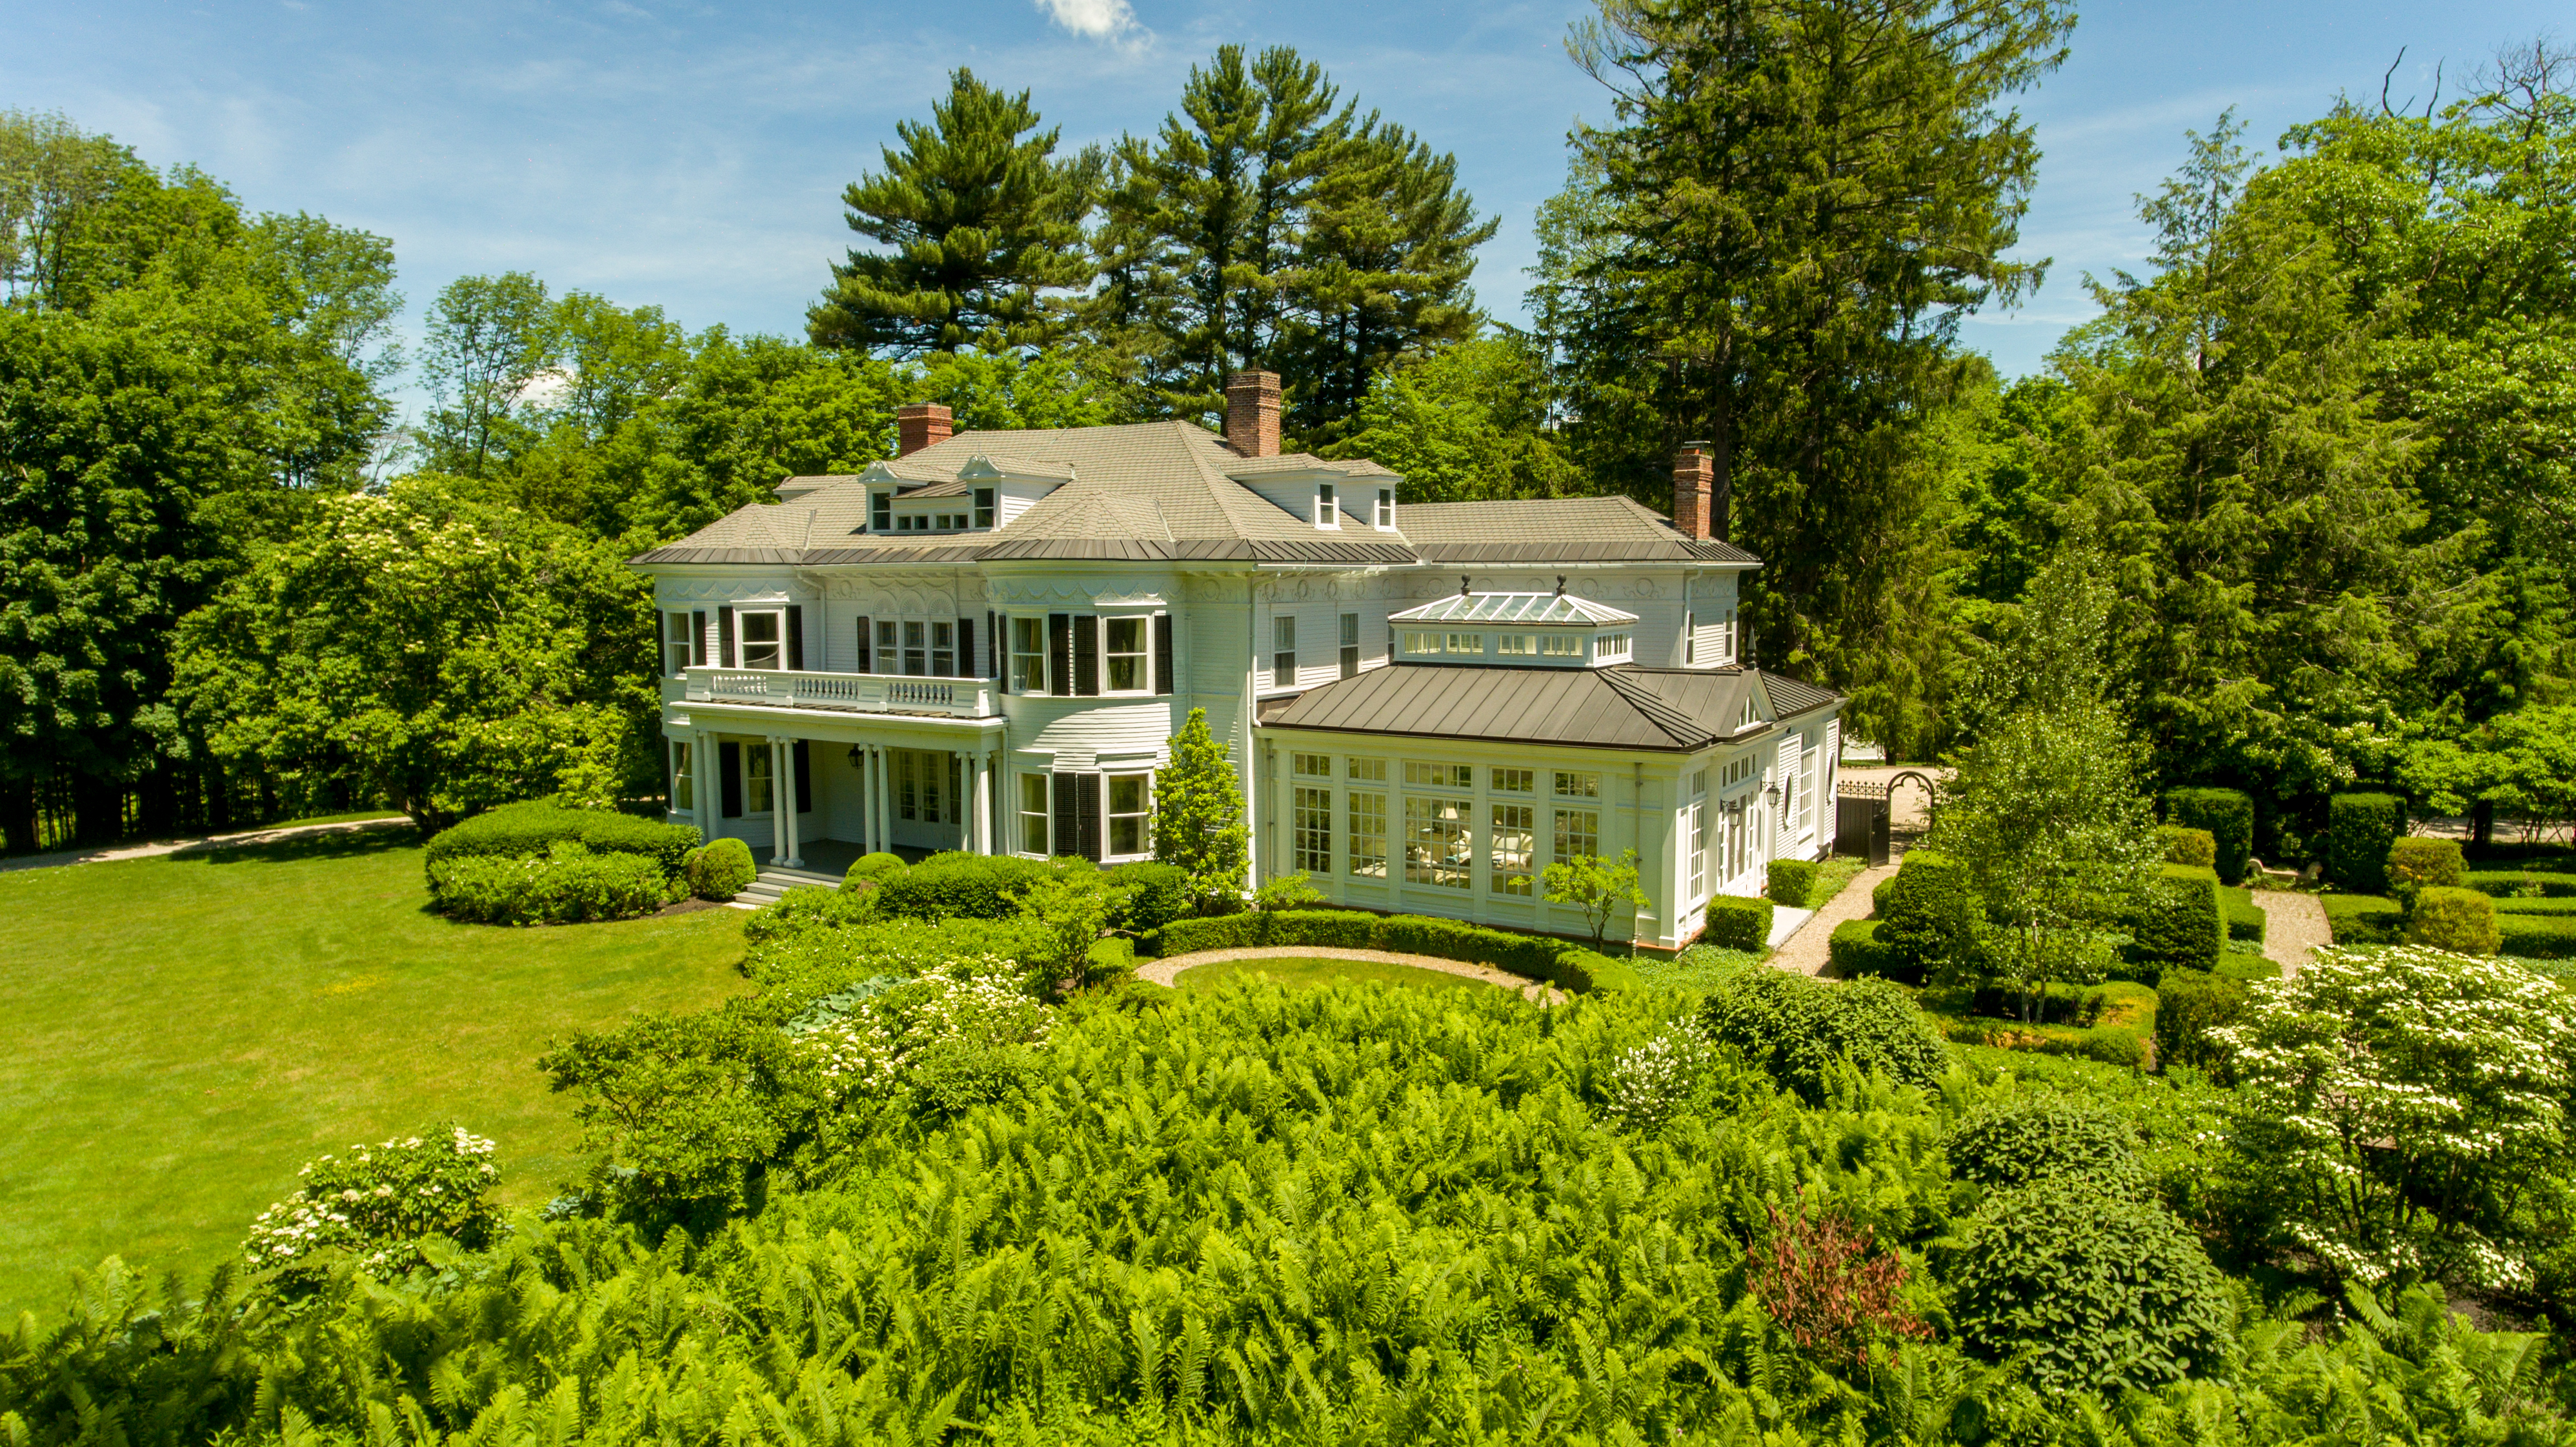 獨棟家庭住宅 為 出售 在 Thistlewood - A Timeless & Classic Berkshire Cottage 151 Walker St Lenox, 麻塞諸塞州, 01240 美國